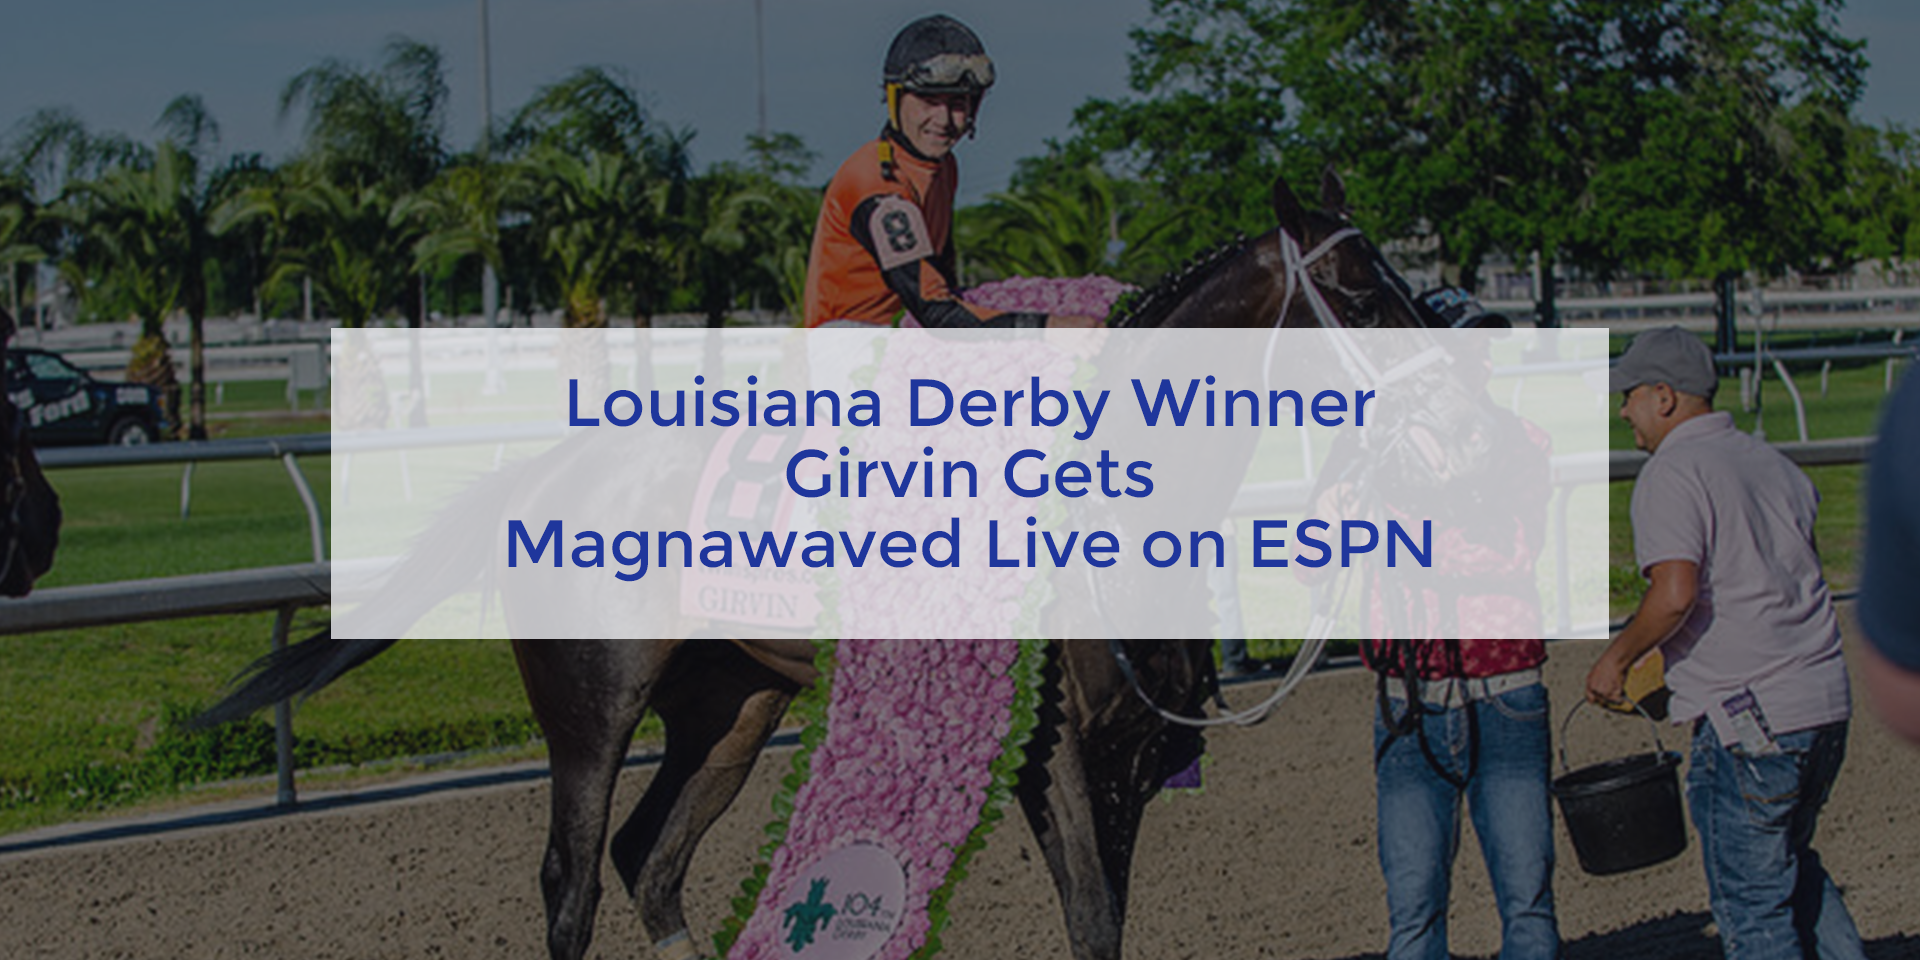 Louisiana Derby Winner Girvin Gets Magnawaved Live on ESPN